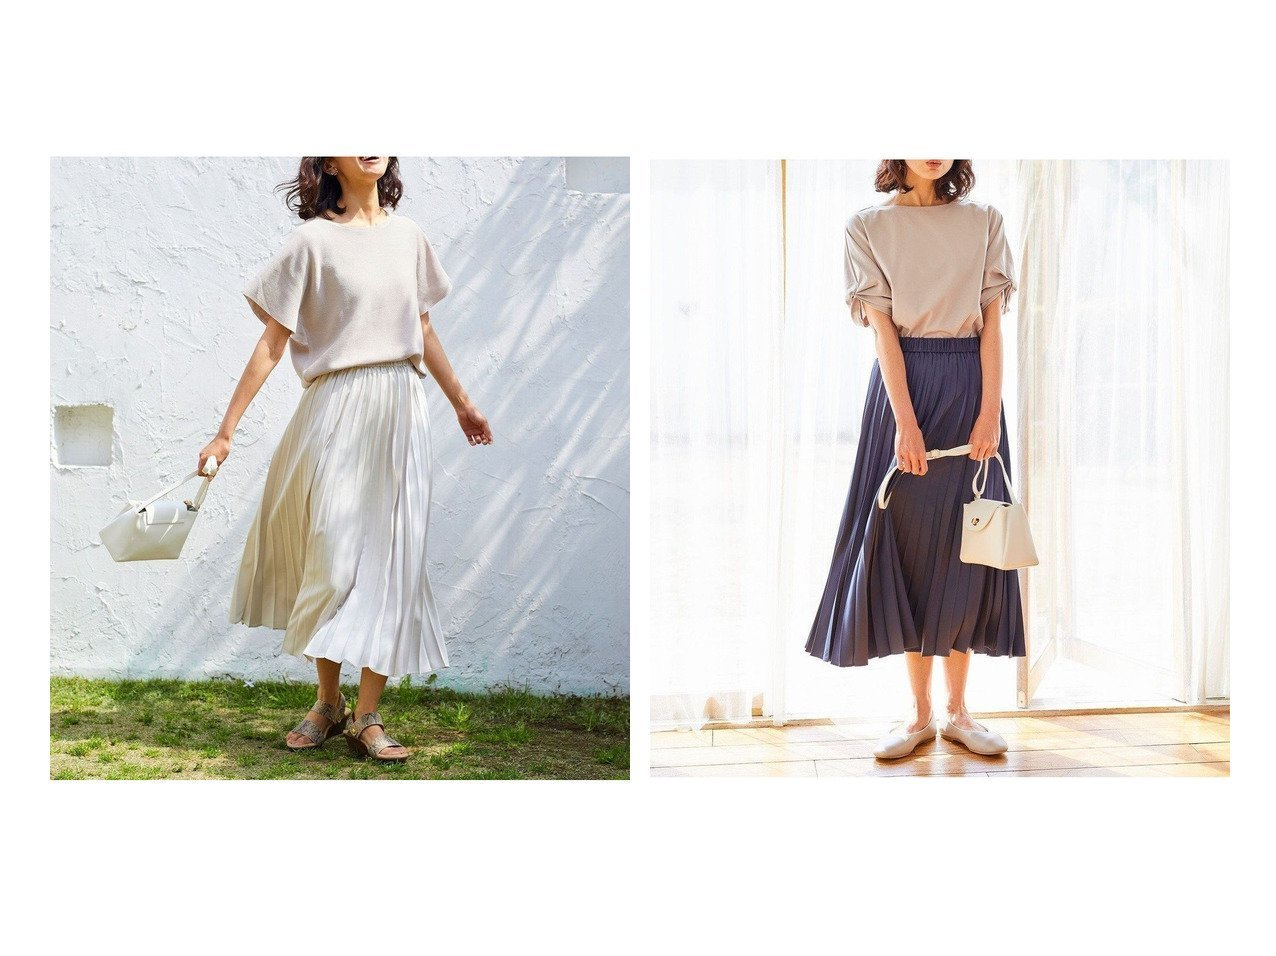 【any FAM/エニィファム】の【洗える】ダブルプリーツ スカート 【スカート】おすすめ!人気、トレンド・レディースファッションの通販 おすすめで人気の流行・トレンド、ファッションの通販商品 メンズファッション・キッズファッション・インテリア・家具・レディースファッション・服の通販 founy(ファニー) https://founy.com/ ファッション Fashion レディースファッション WOMEN スカート Skirt プリーツスカート Pleated Skirts 送料無料 Free Shipping ダブル トレンド パーカー プリーツ 洗える |ID:crp329100000035451